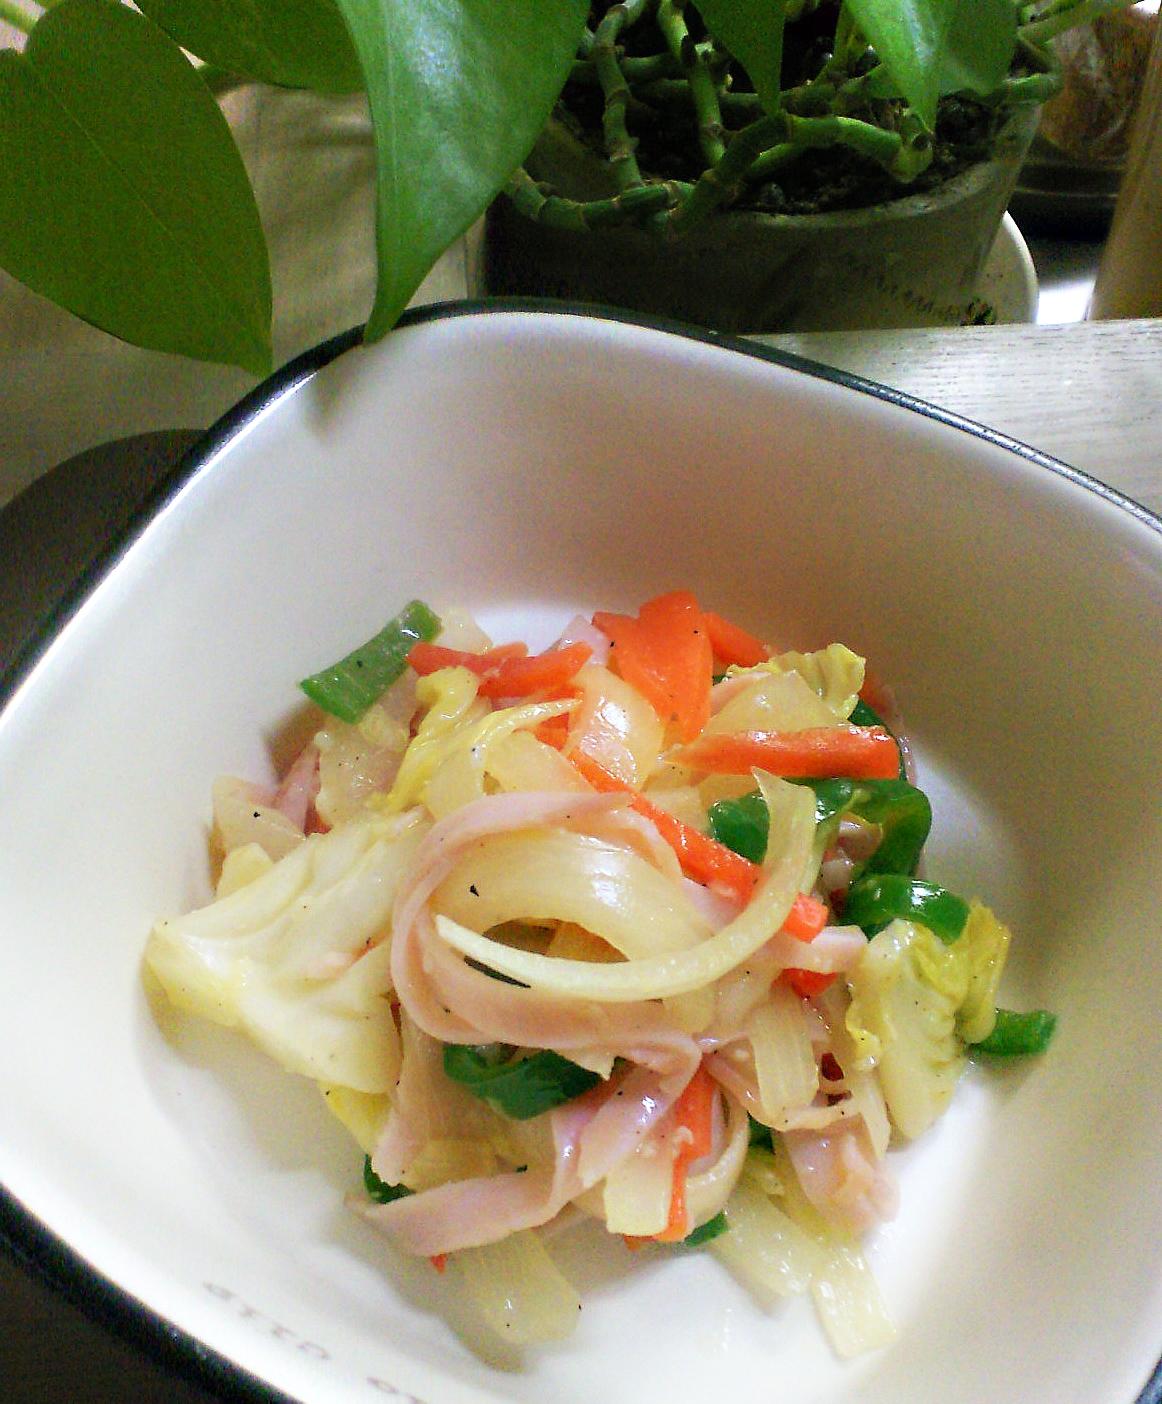 塩麹を使った副菜→お弁当にも使い回し